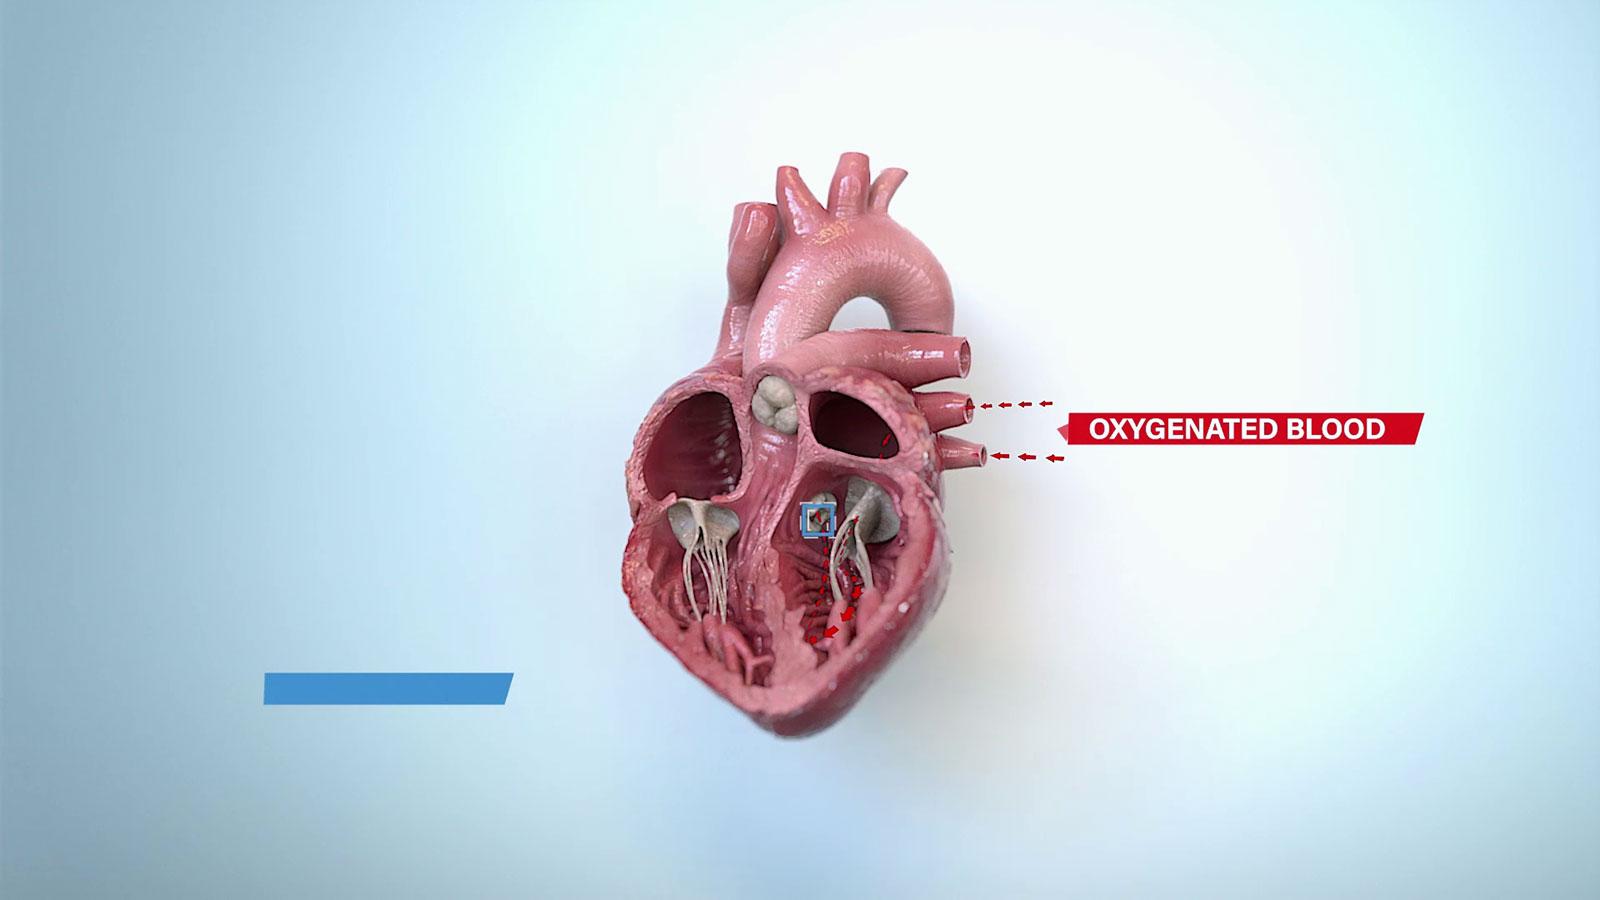 medische animatiefilm laten maken operatie ziekenhuis